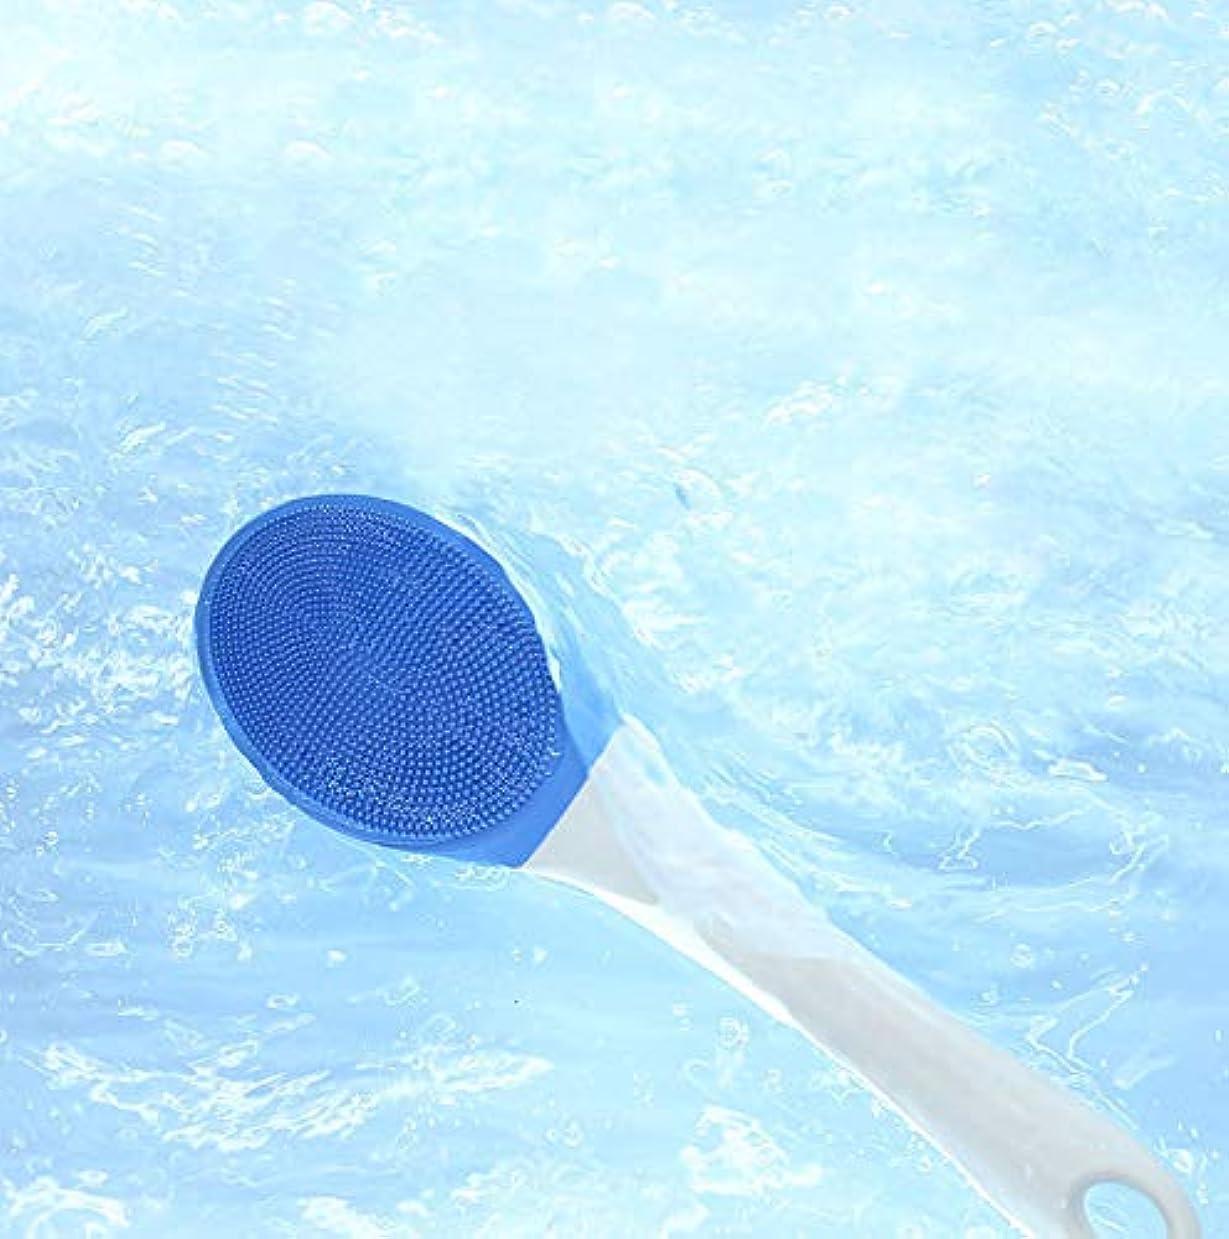 摩擦サーフィン間違えた電気バスブラシ、防水ボディ、洗顔ブラシロングハンドルソニック電動スクラバーディープクリーニング用3スピード調整可能なパルス振動,Blue